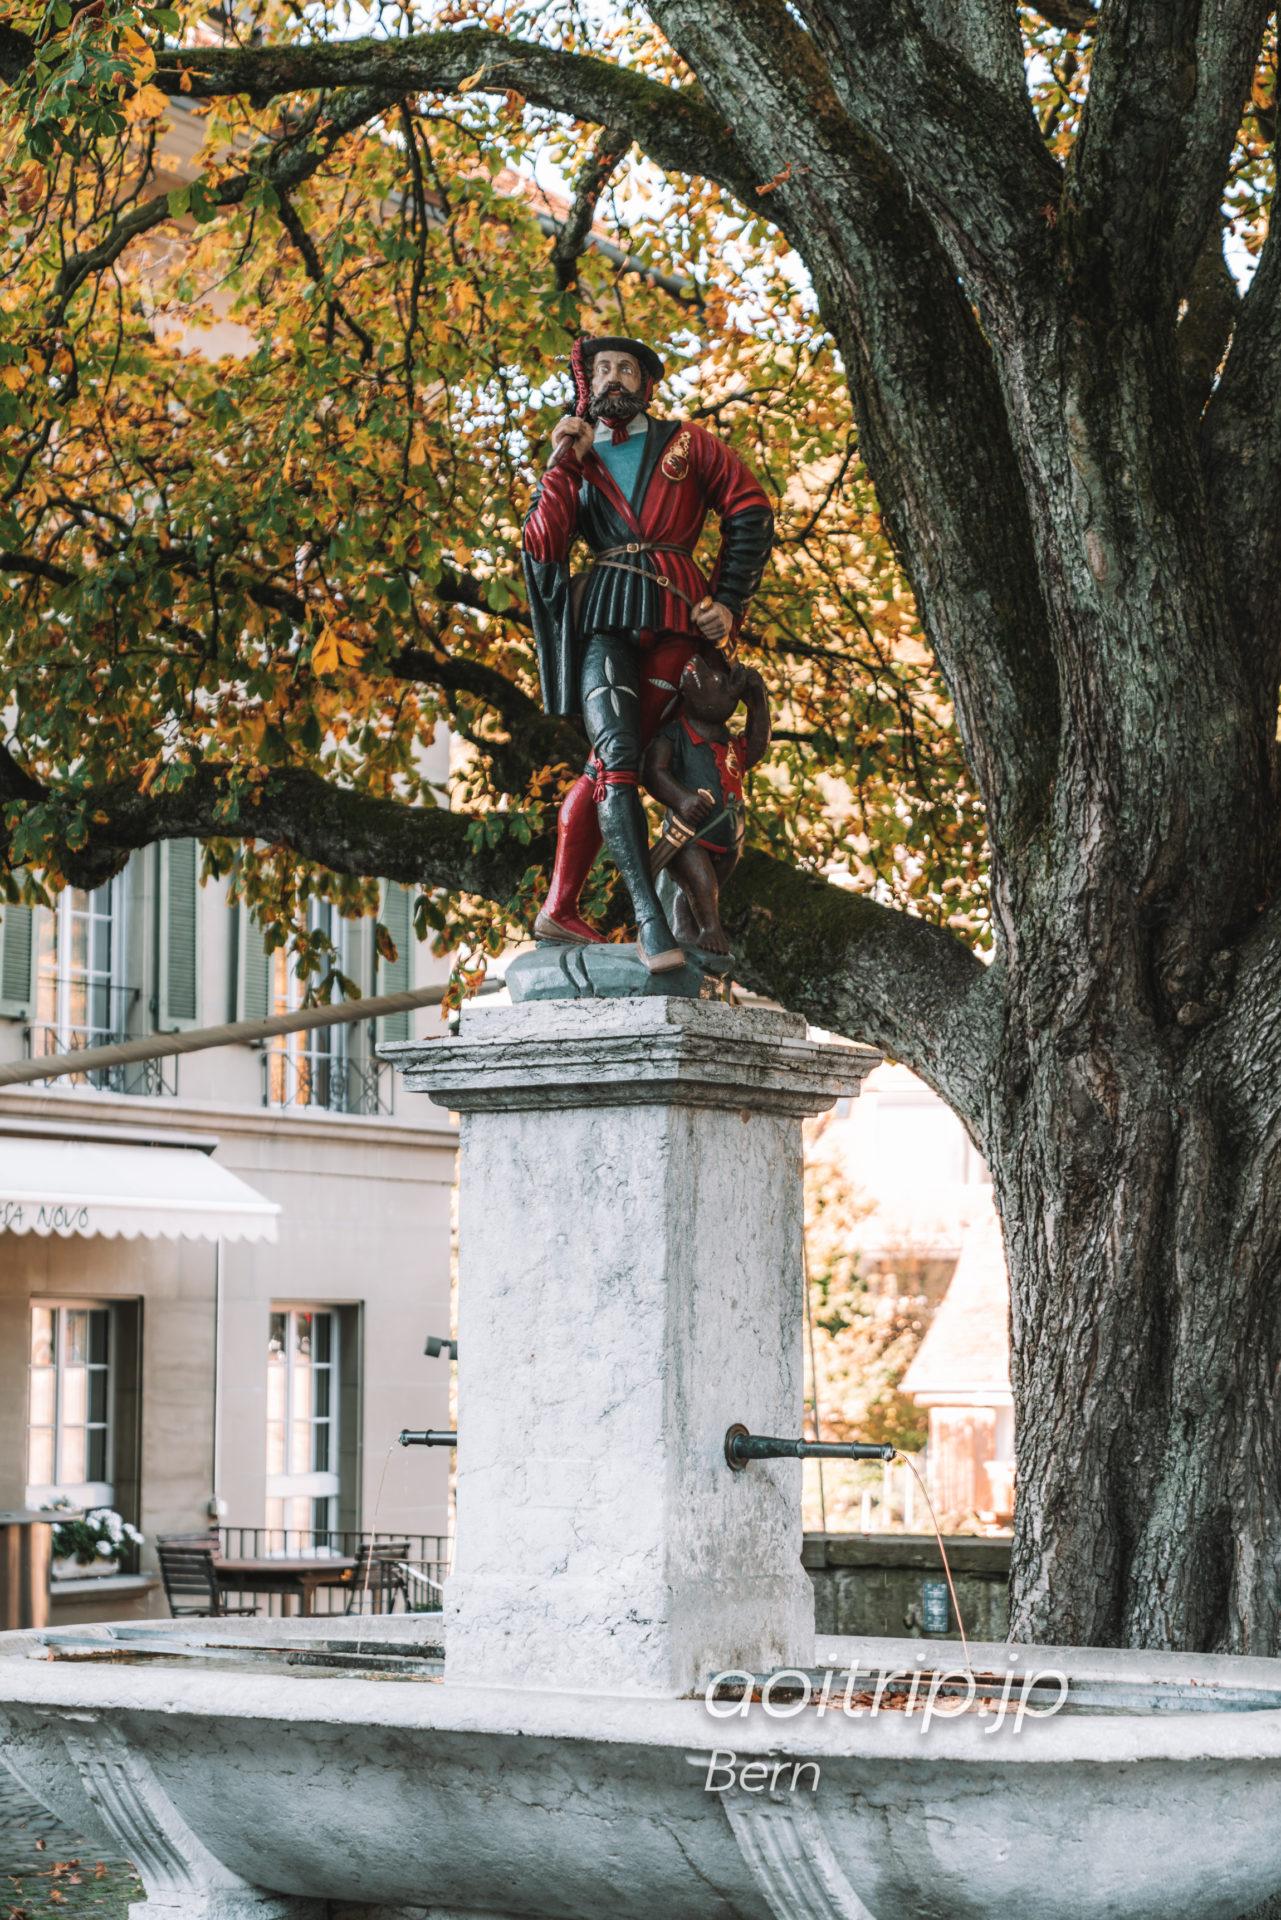 ベルンの噴水 レウーファーブルネン(独:Läuferbrunnen 英:Messenger Fountain)